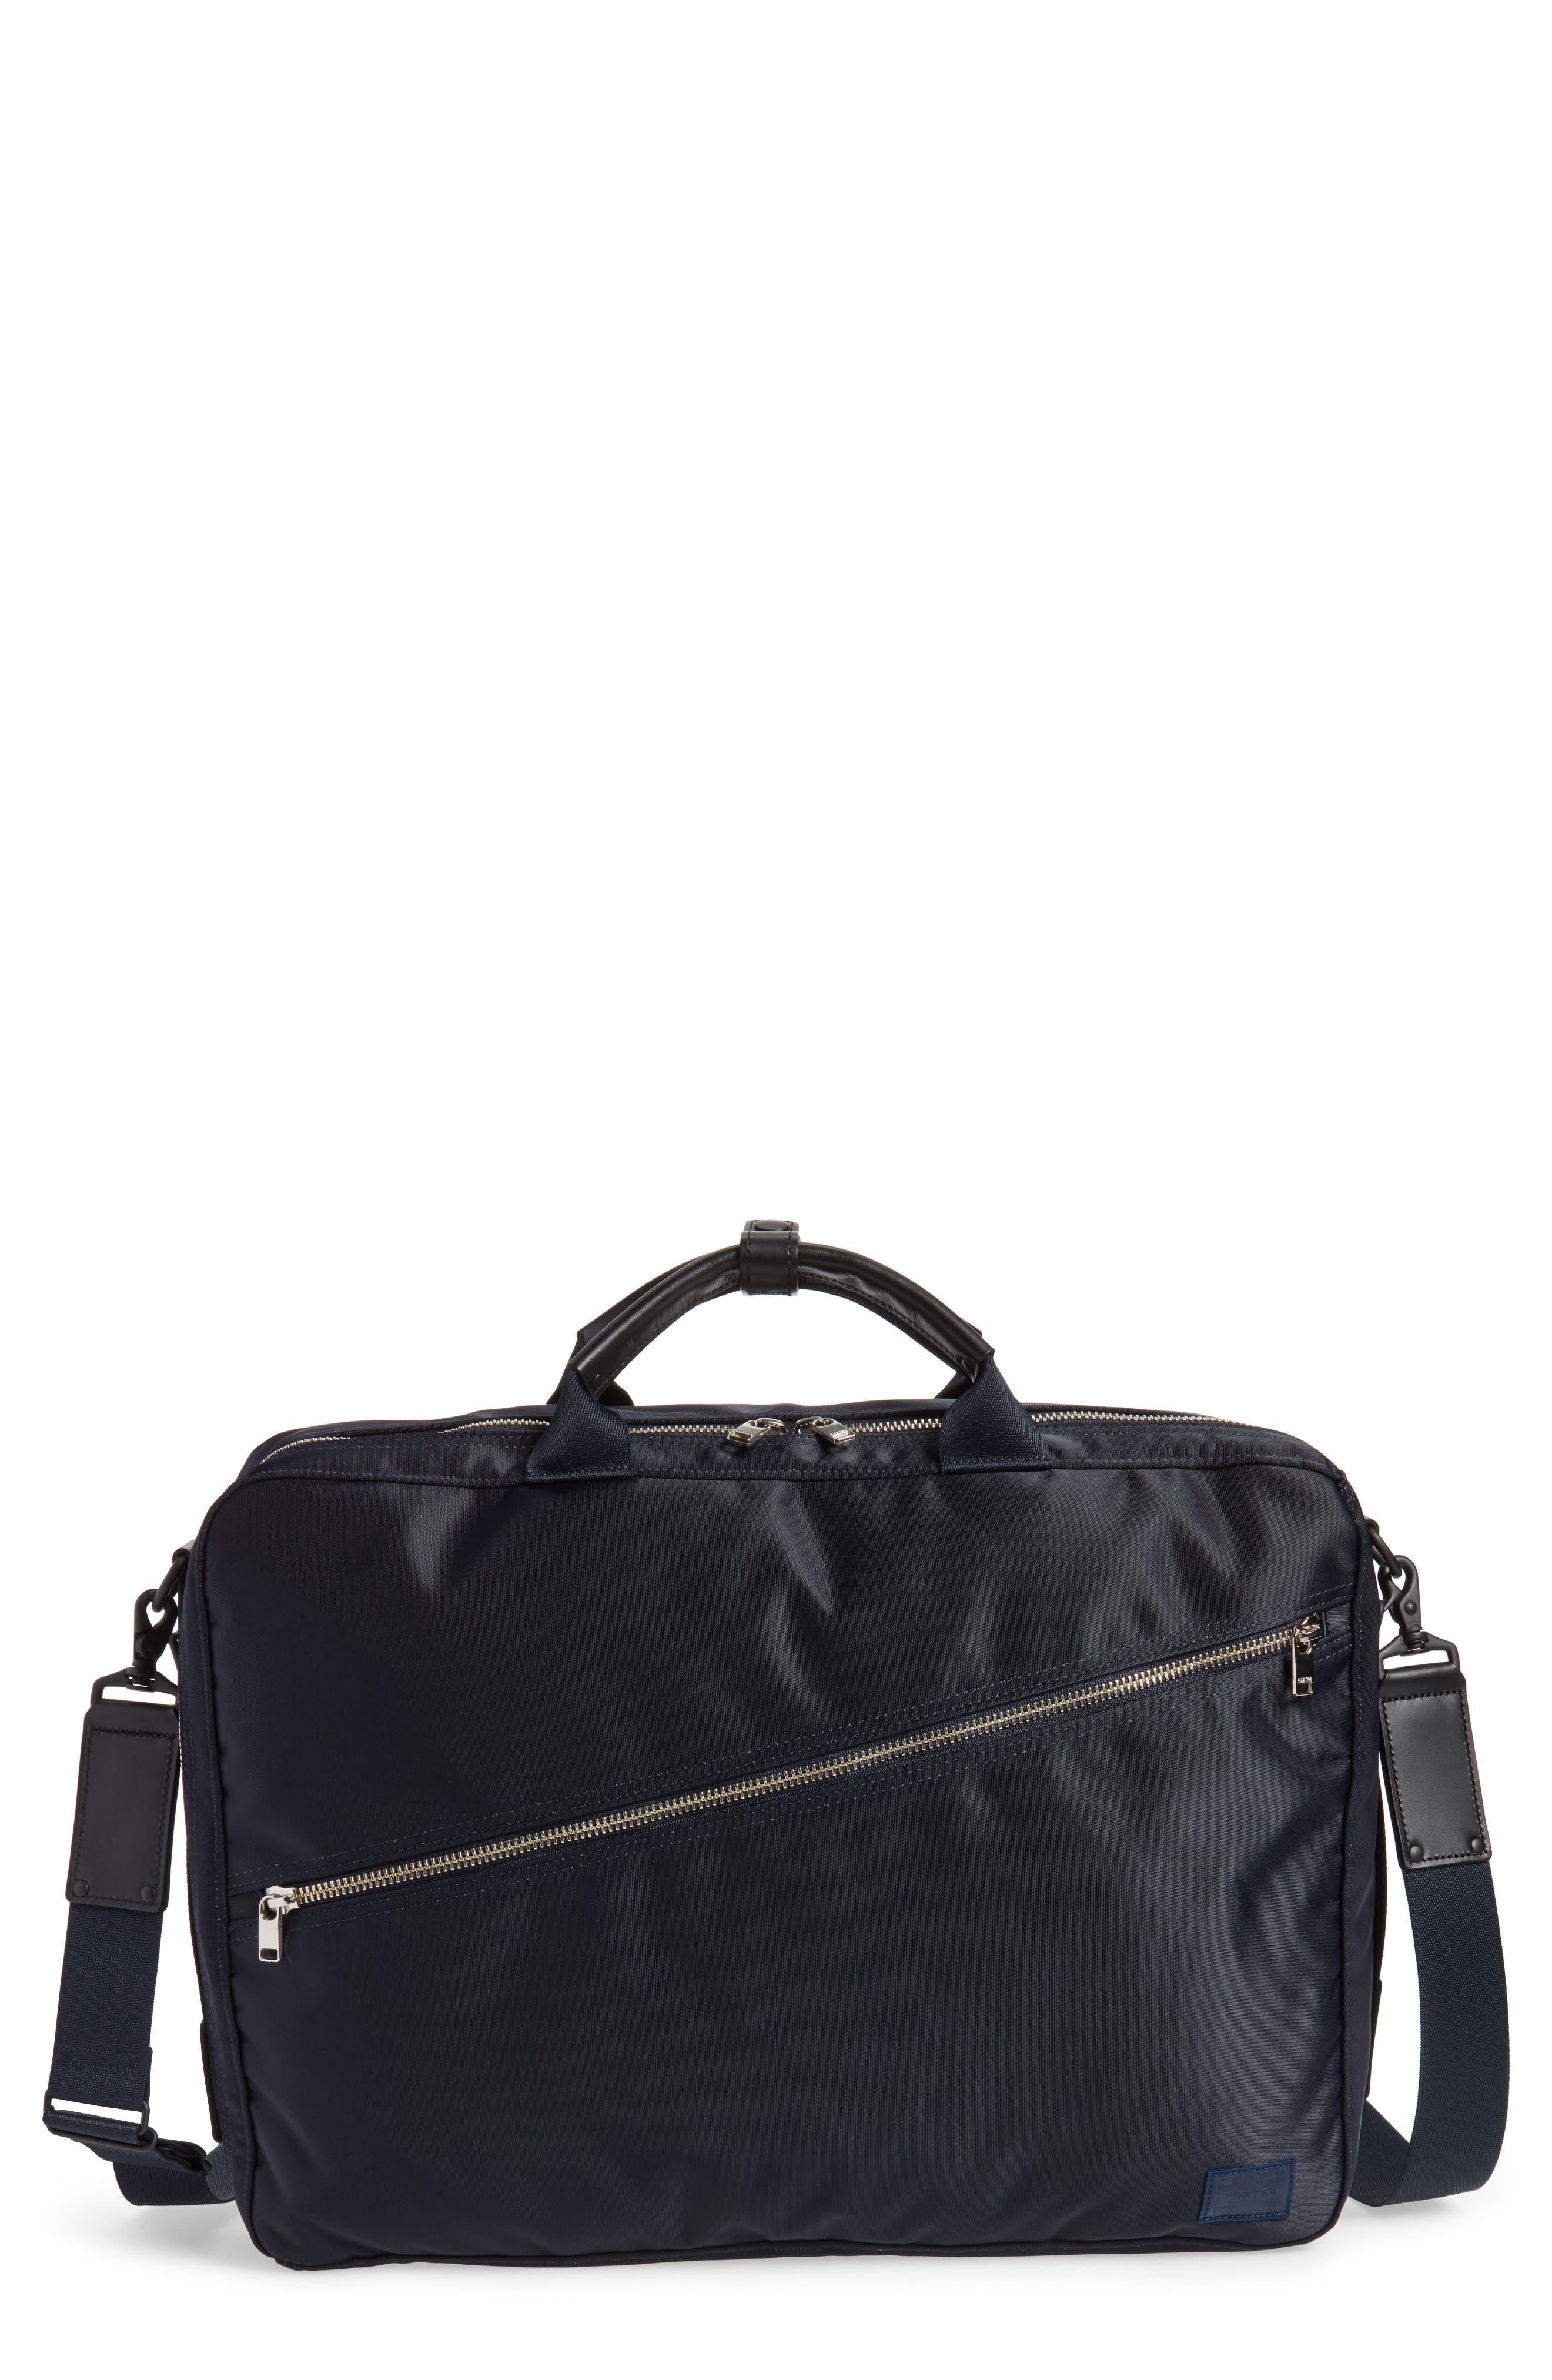 Porter-Yoshida & Co. Lift Convertible Briefcase,                         Main,                         color, 400